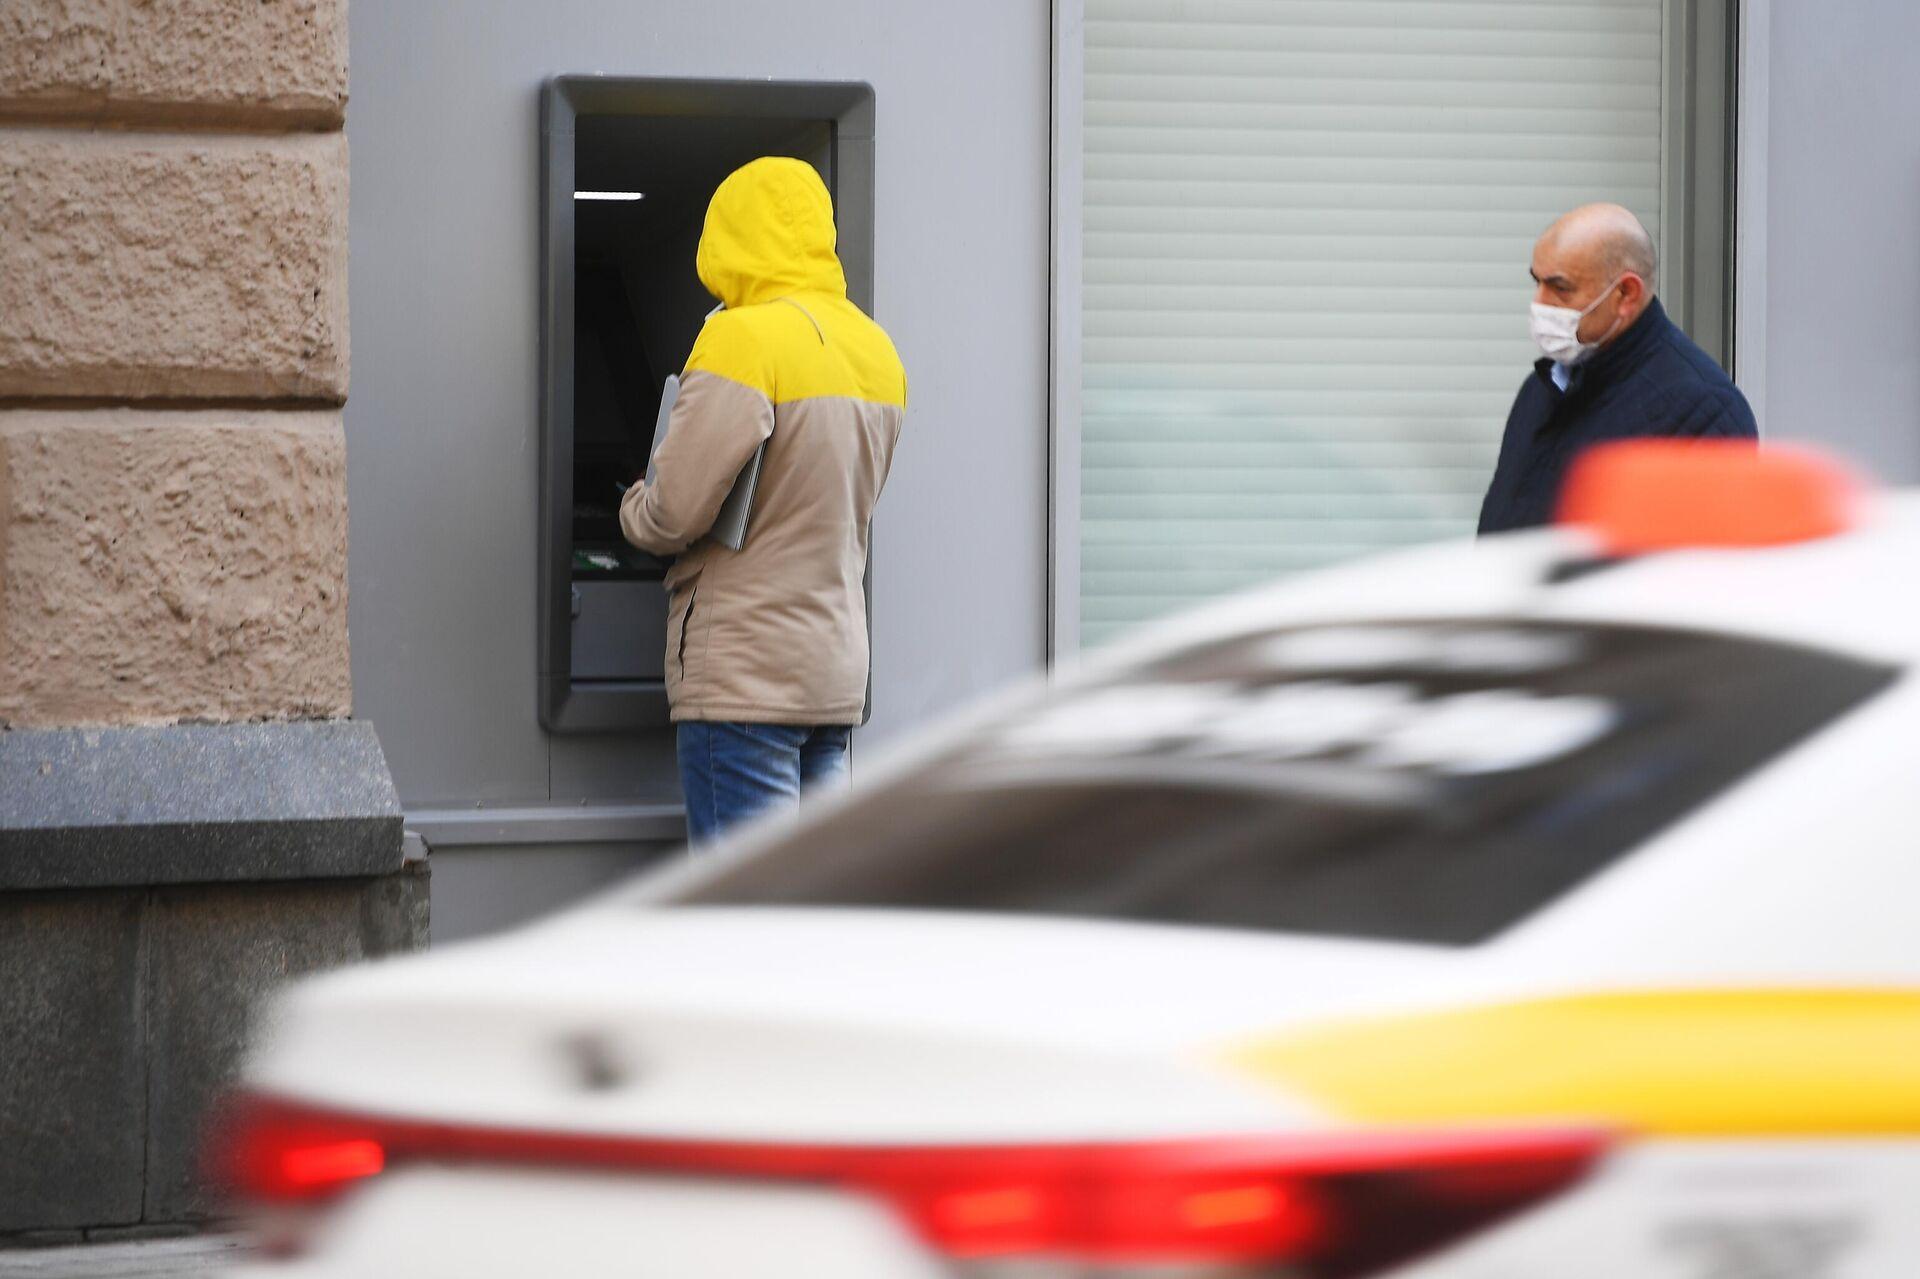 Мужчина у банкомата и прохожий в защитной маске - РИА Новости, 1920, 08.09.2021